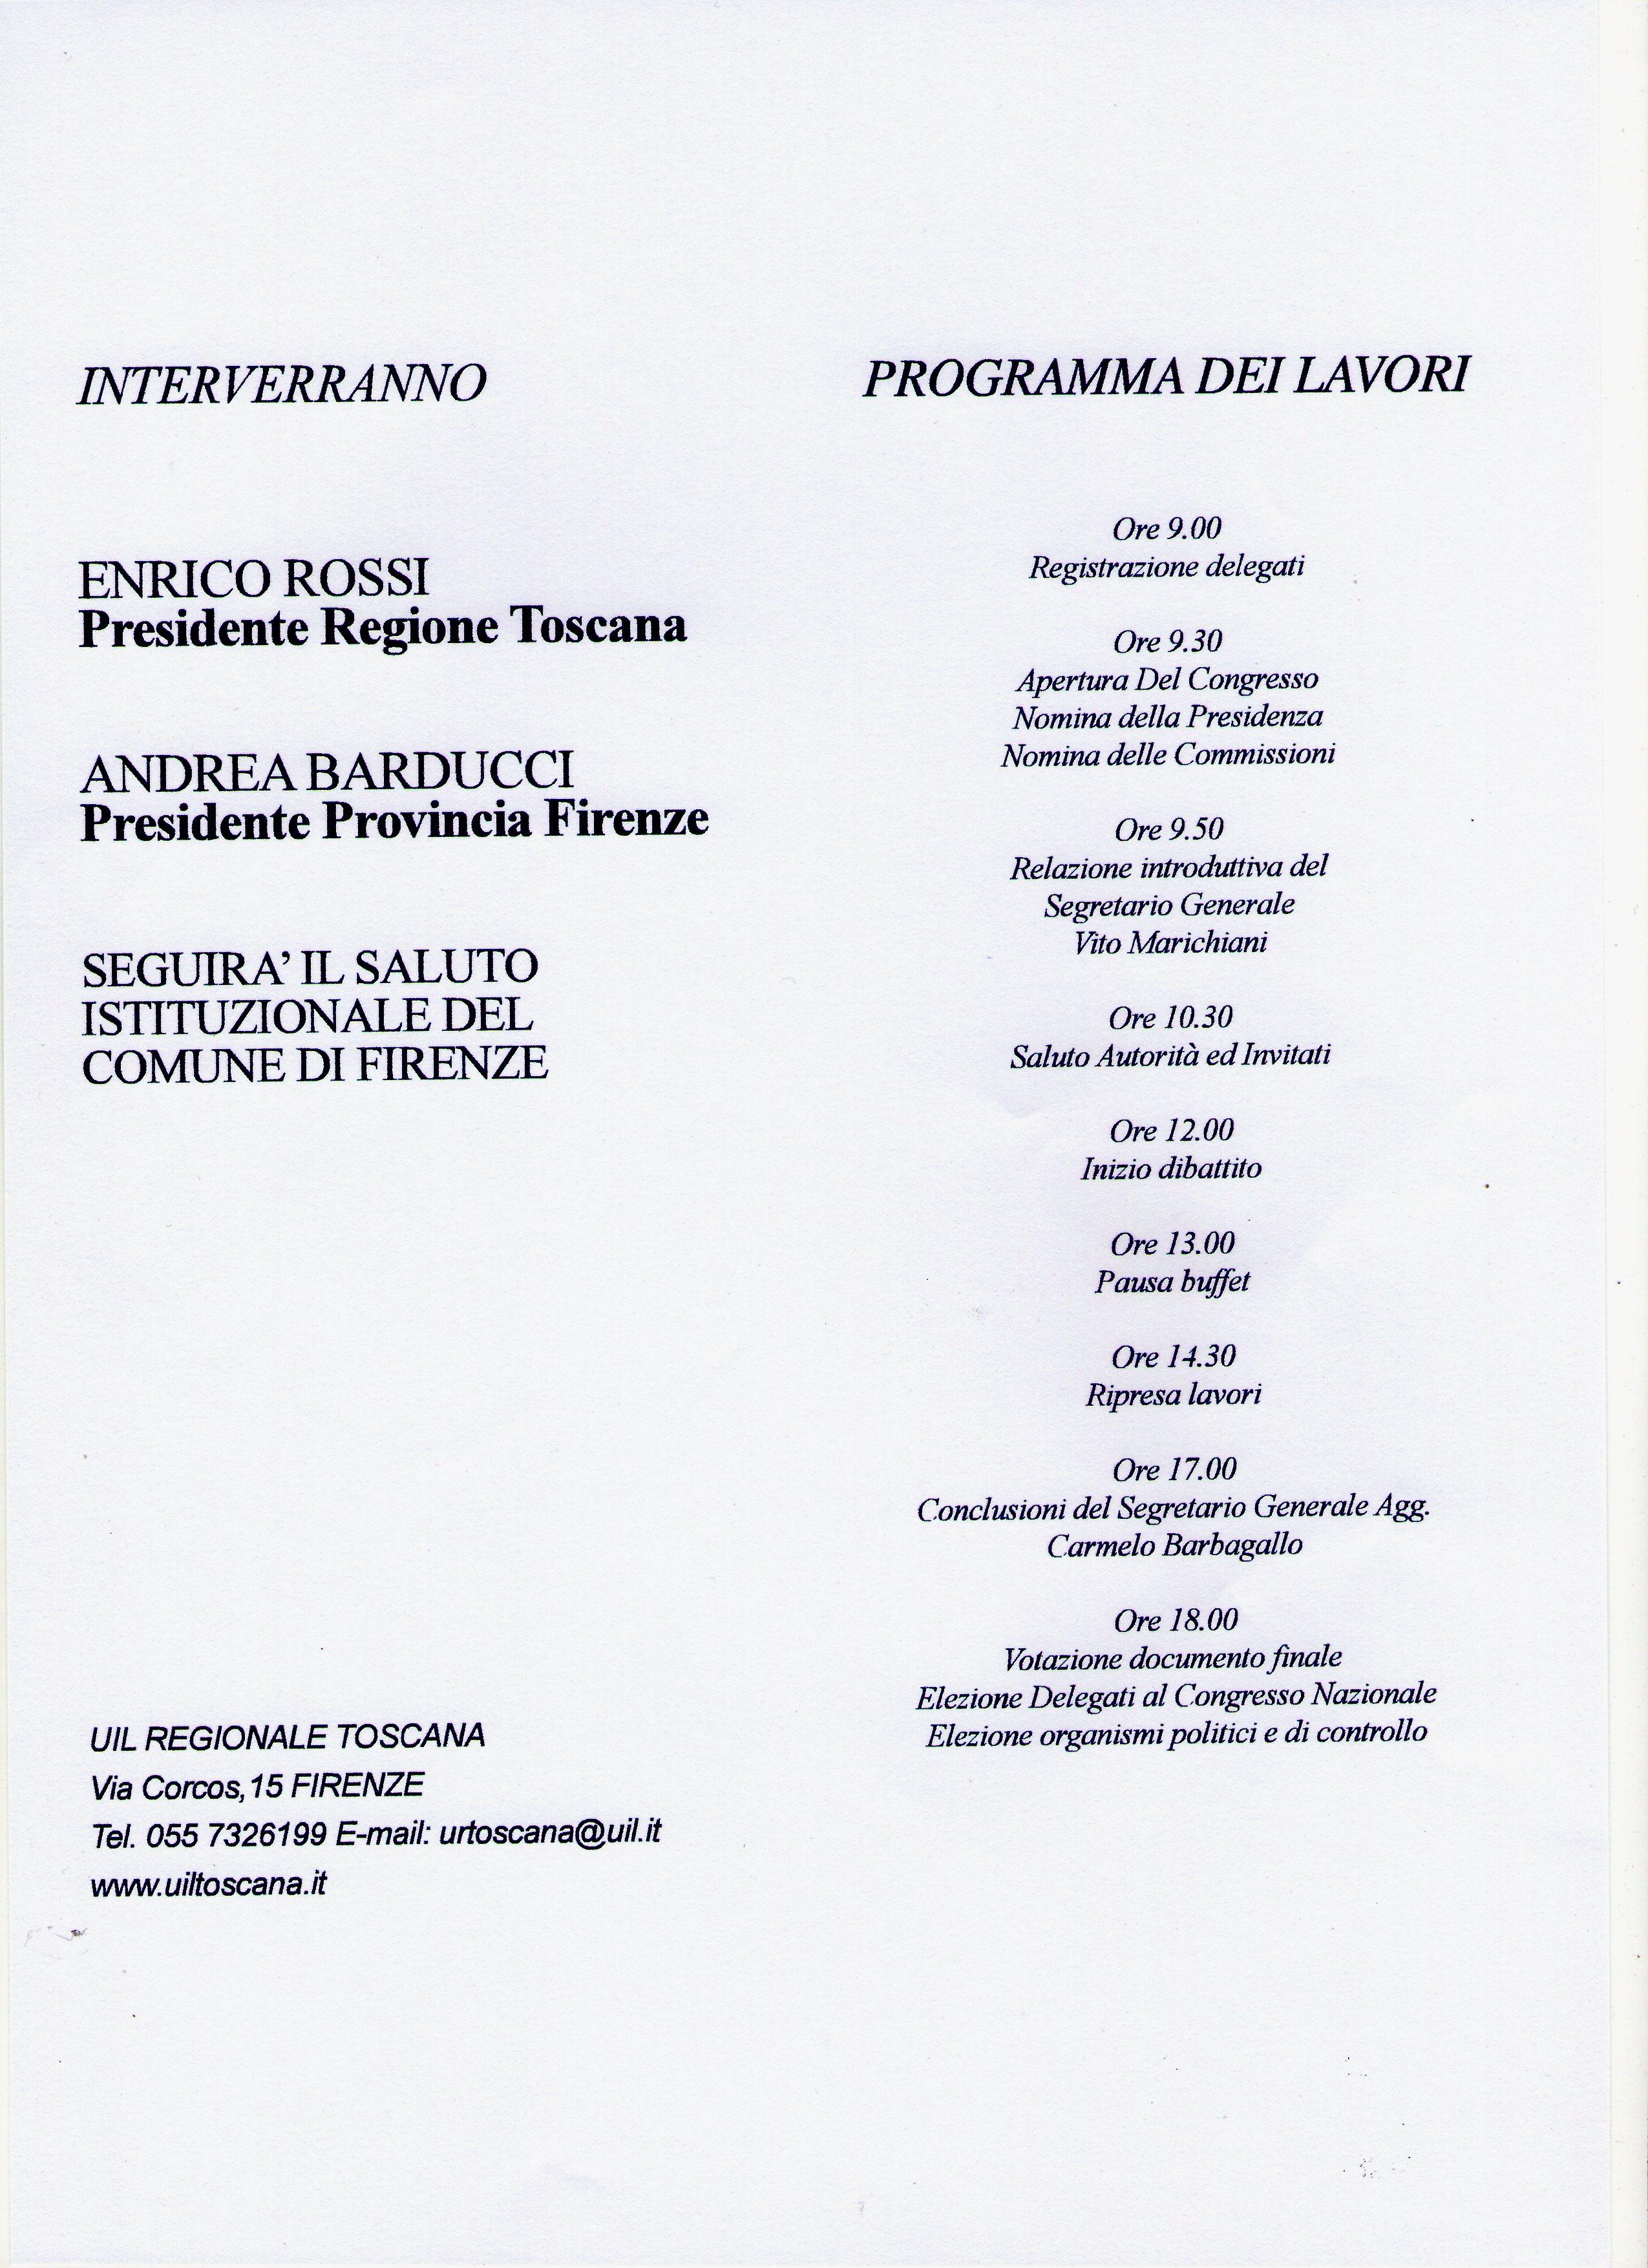 x congresso uil toscana002